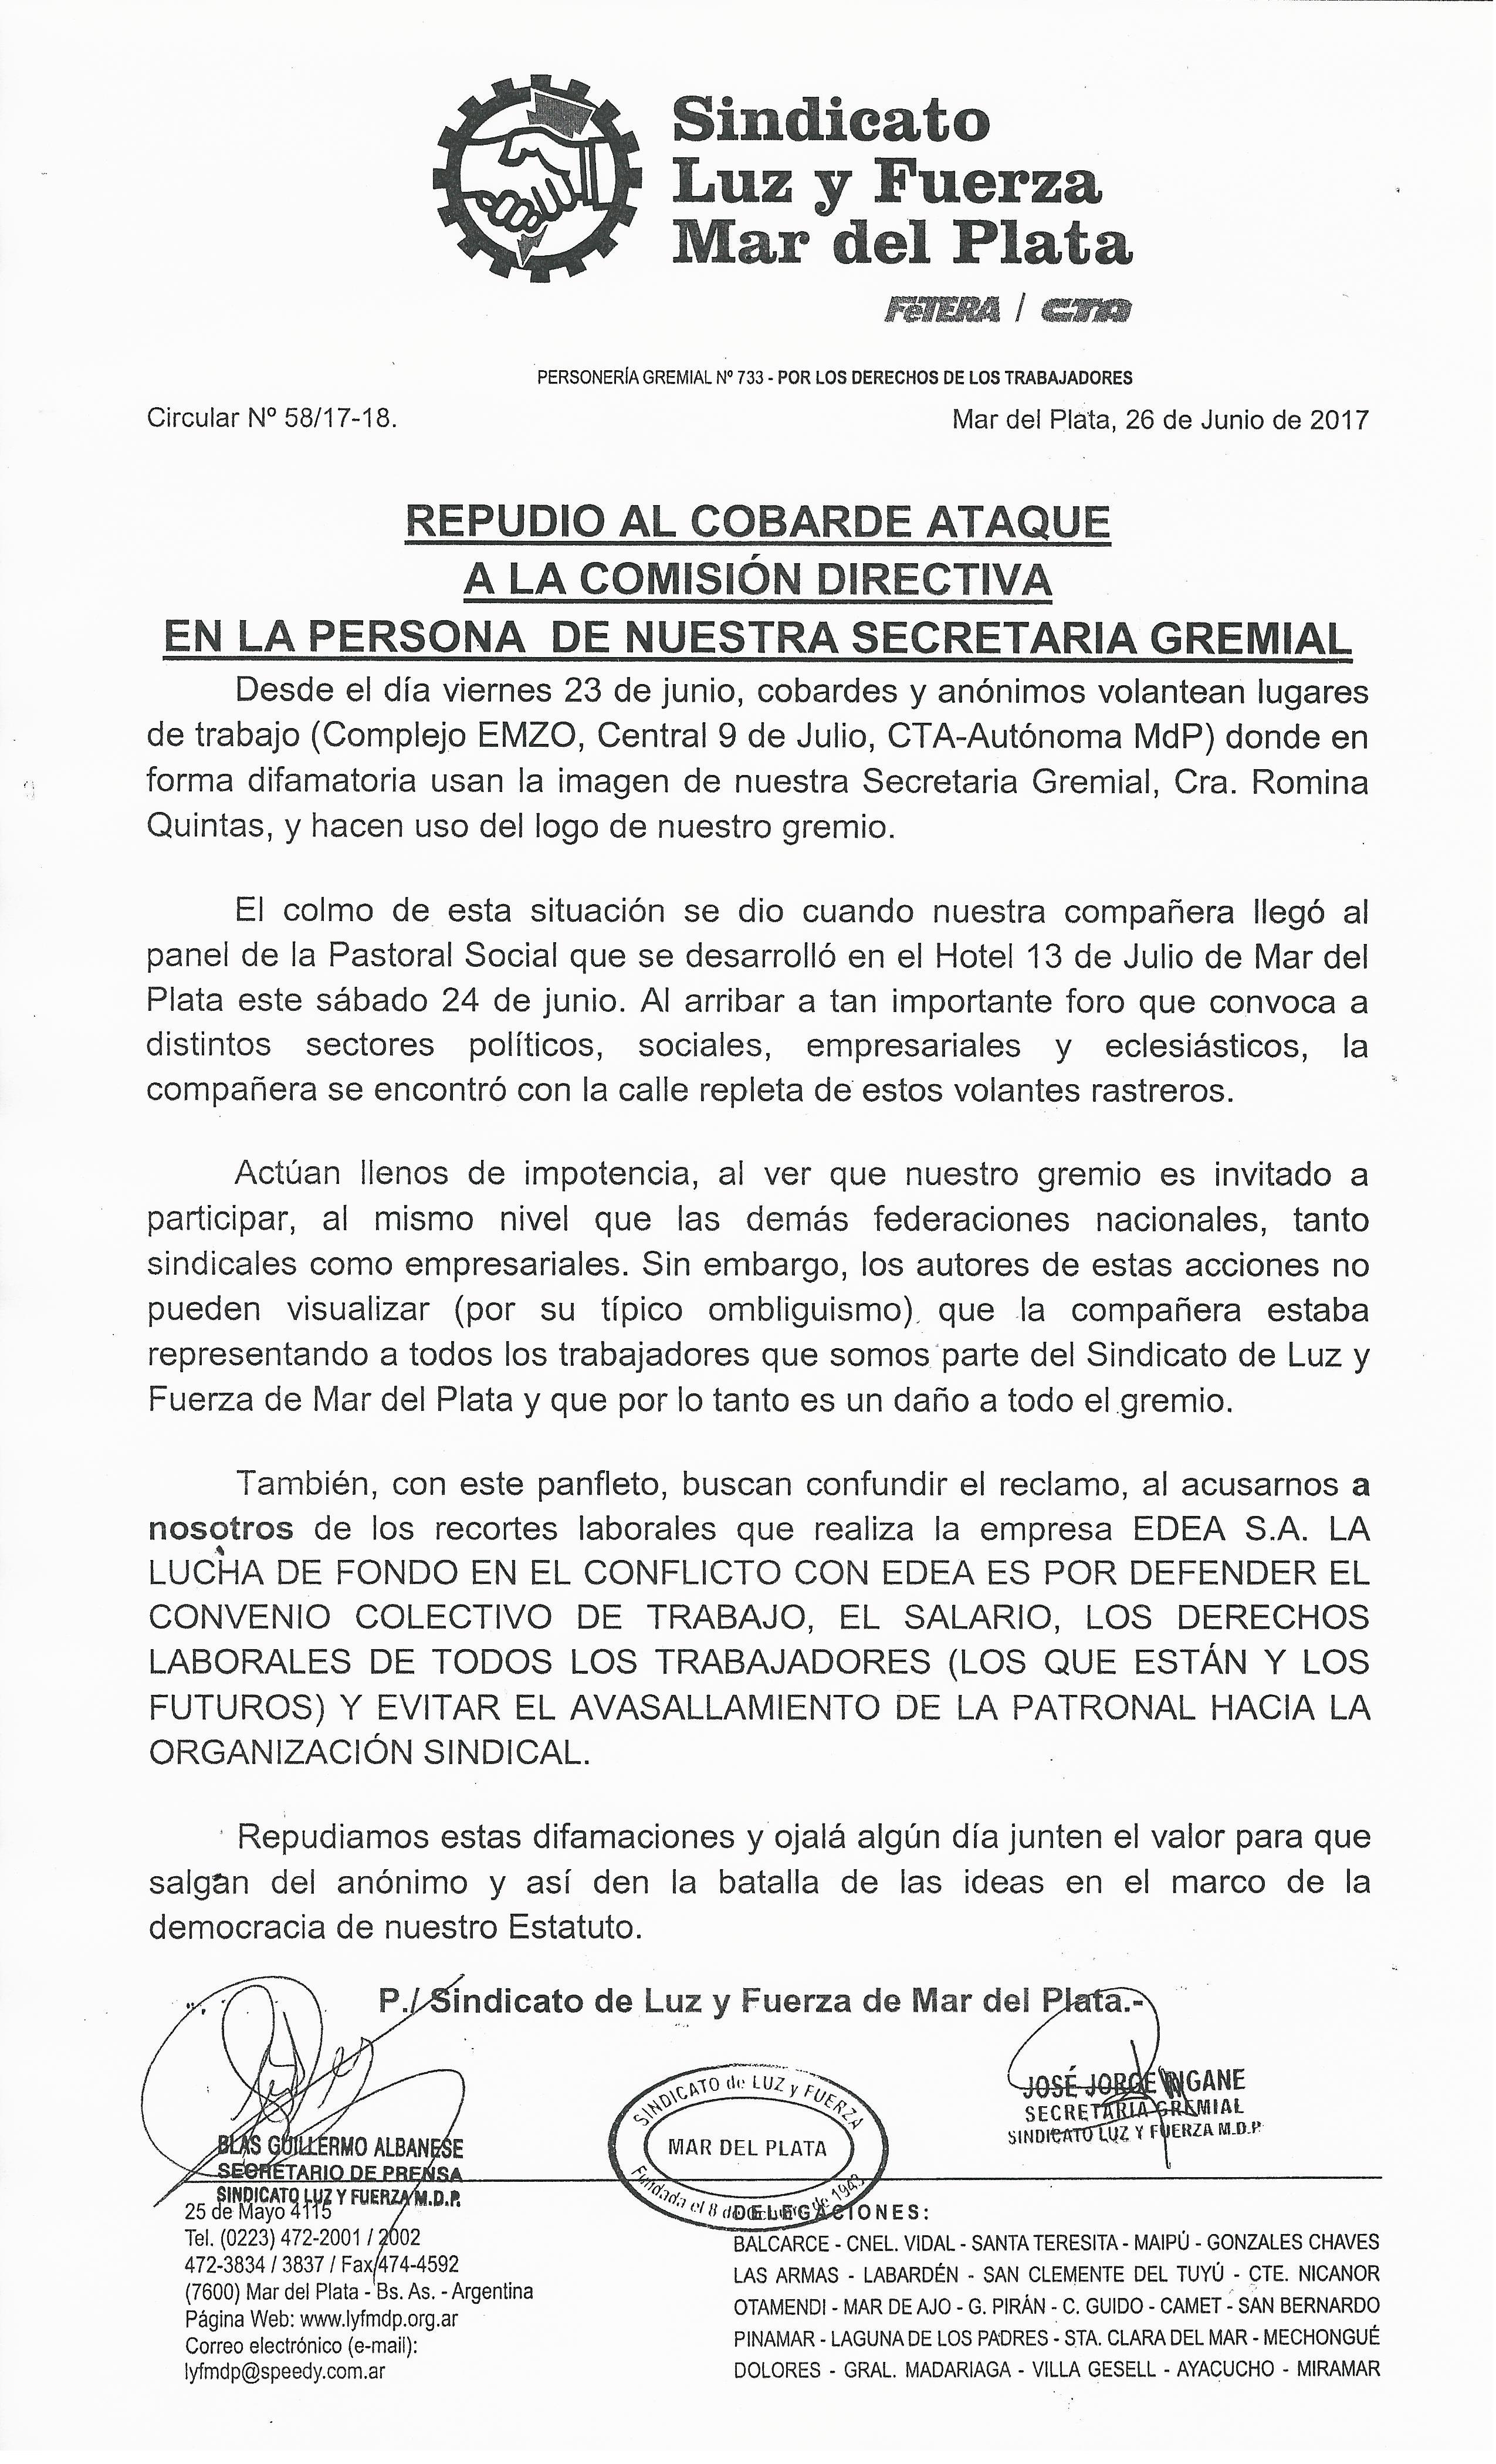 REPUDIO AL COBARDE ATAQUE A LA COMISIÓN DIRECTIVA EN LA PERSONA DE NUESTRA SECRETARIA GREMIAL